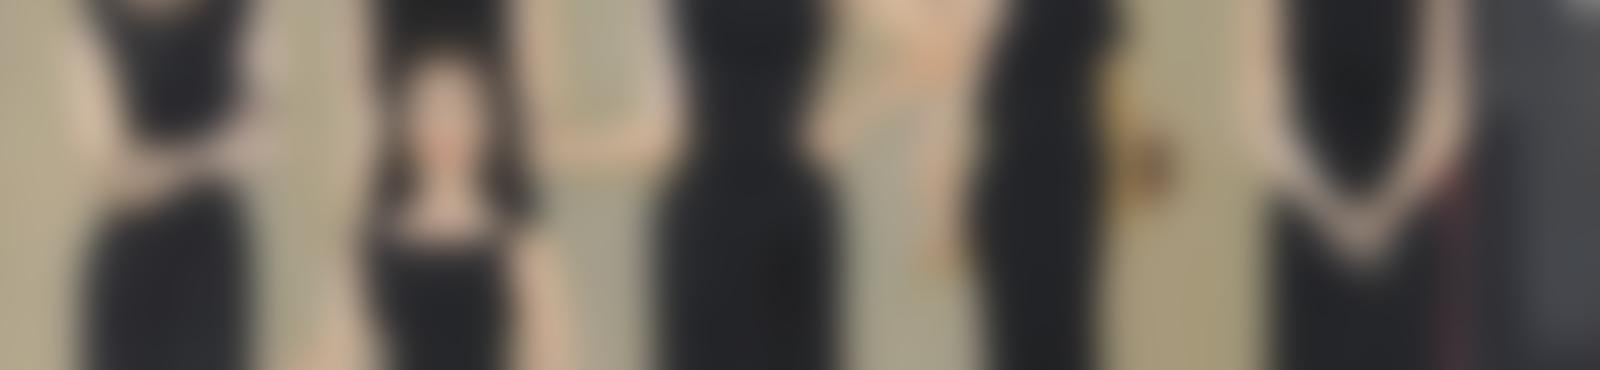 Blurred 49351a95 662f 4a09 a5b7 f68422dcf89c